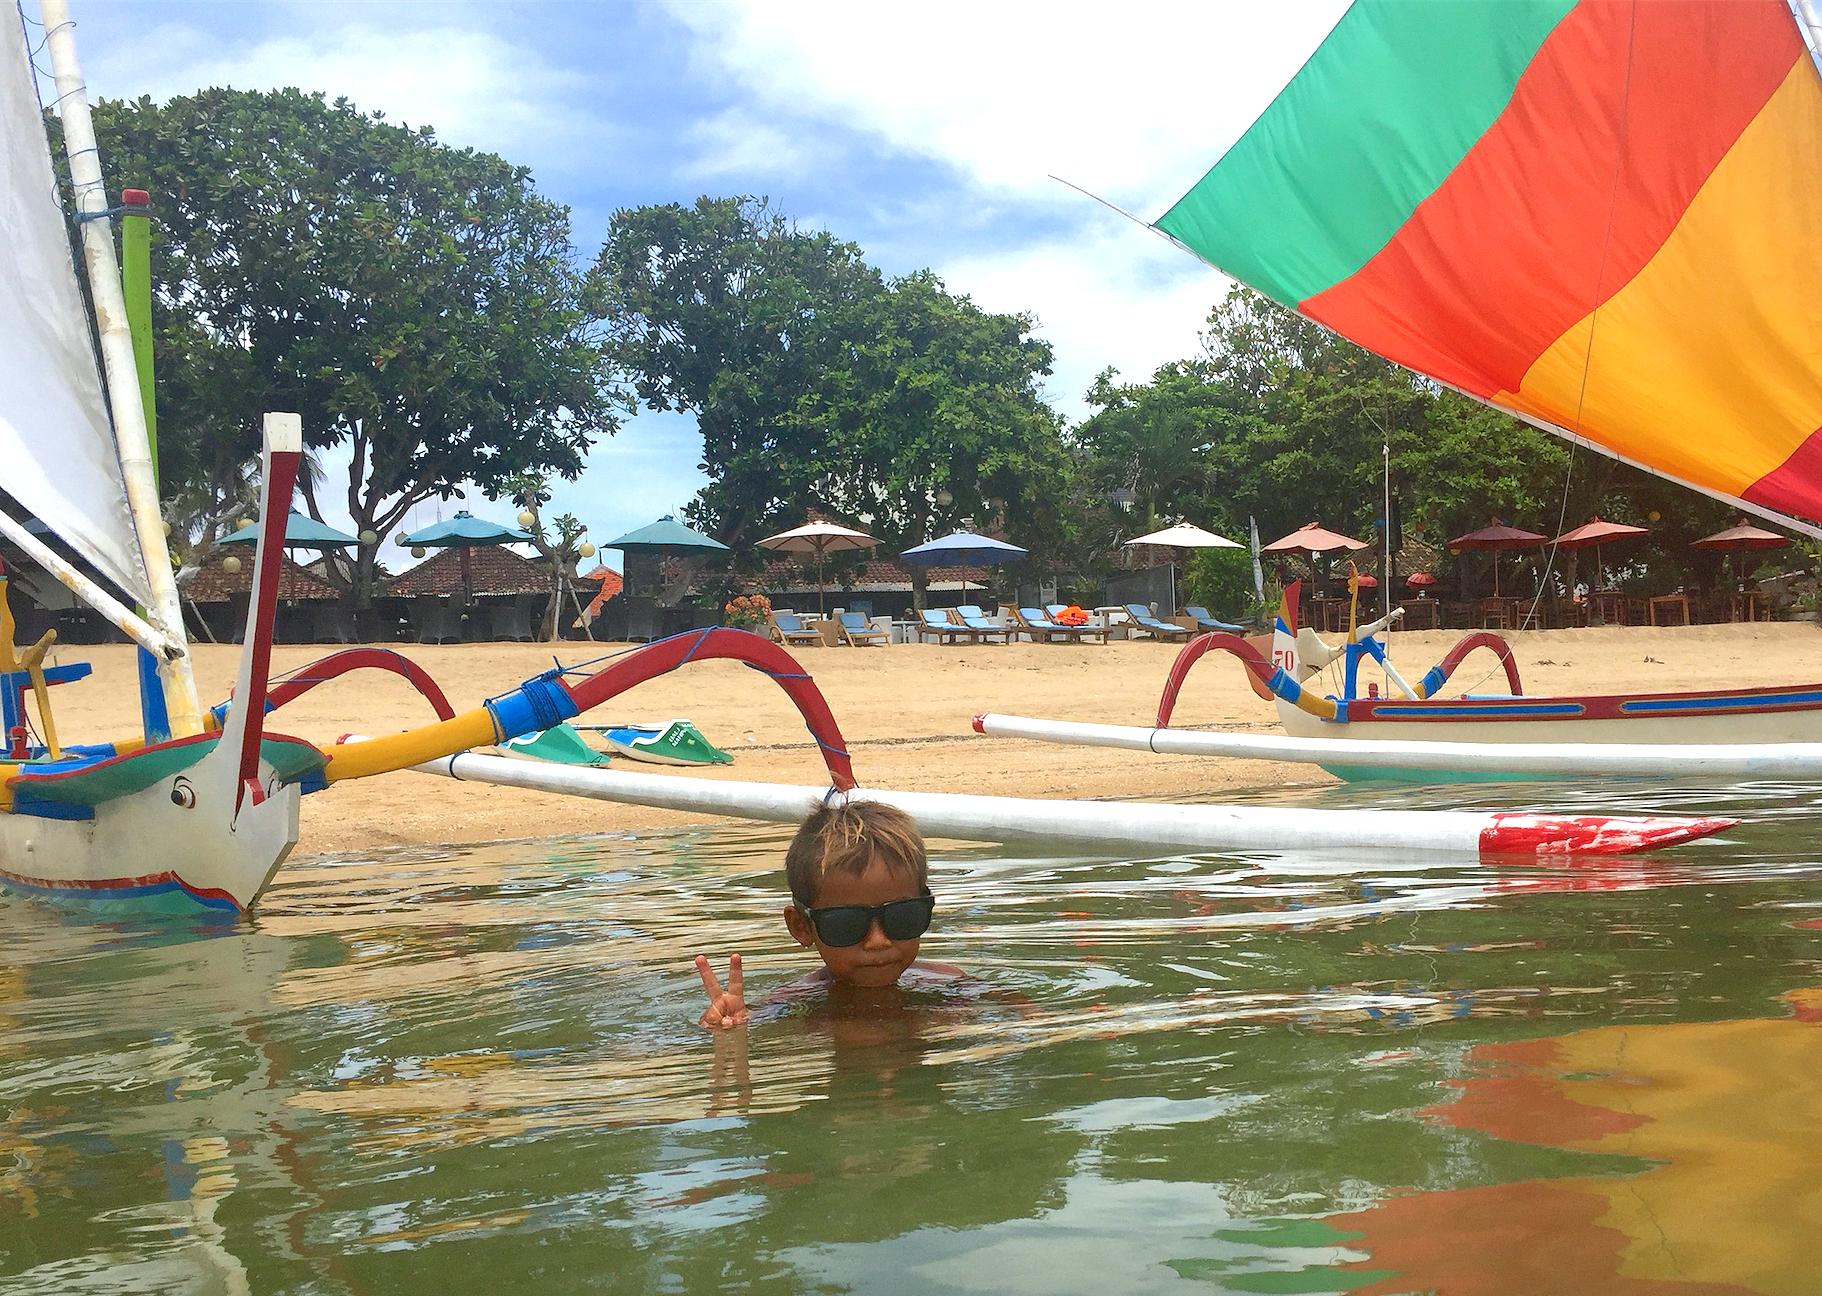 En kommende jukungskipper poserer foran kanoene på stranden.